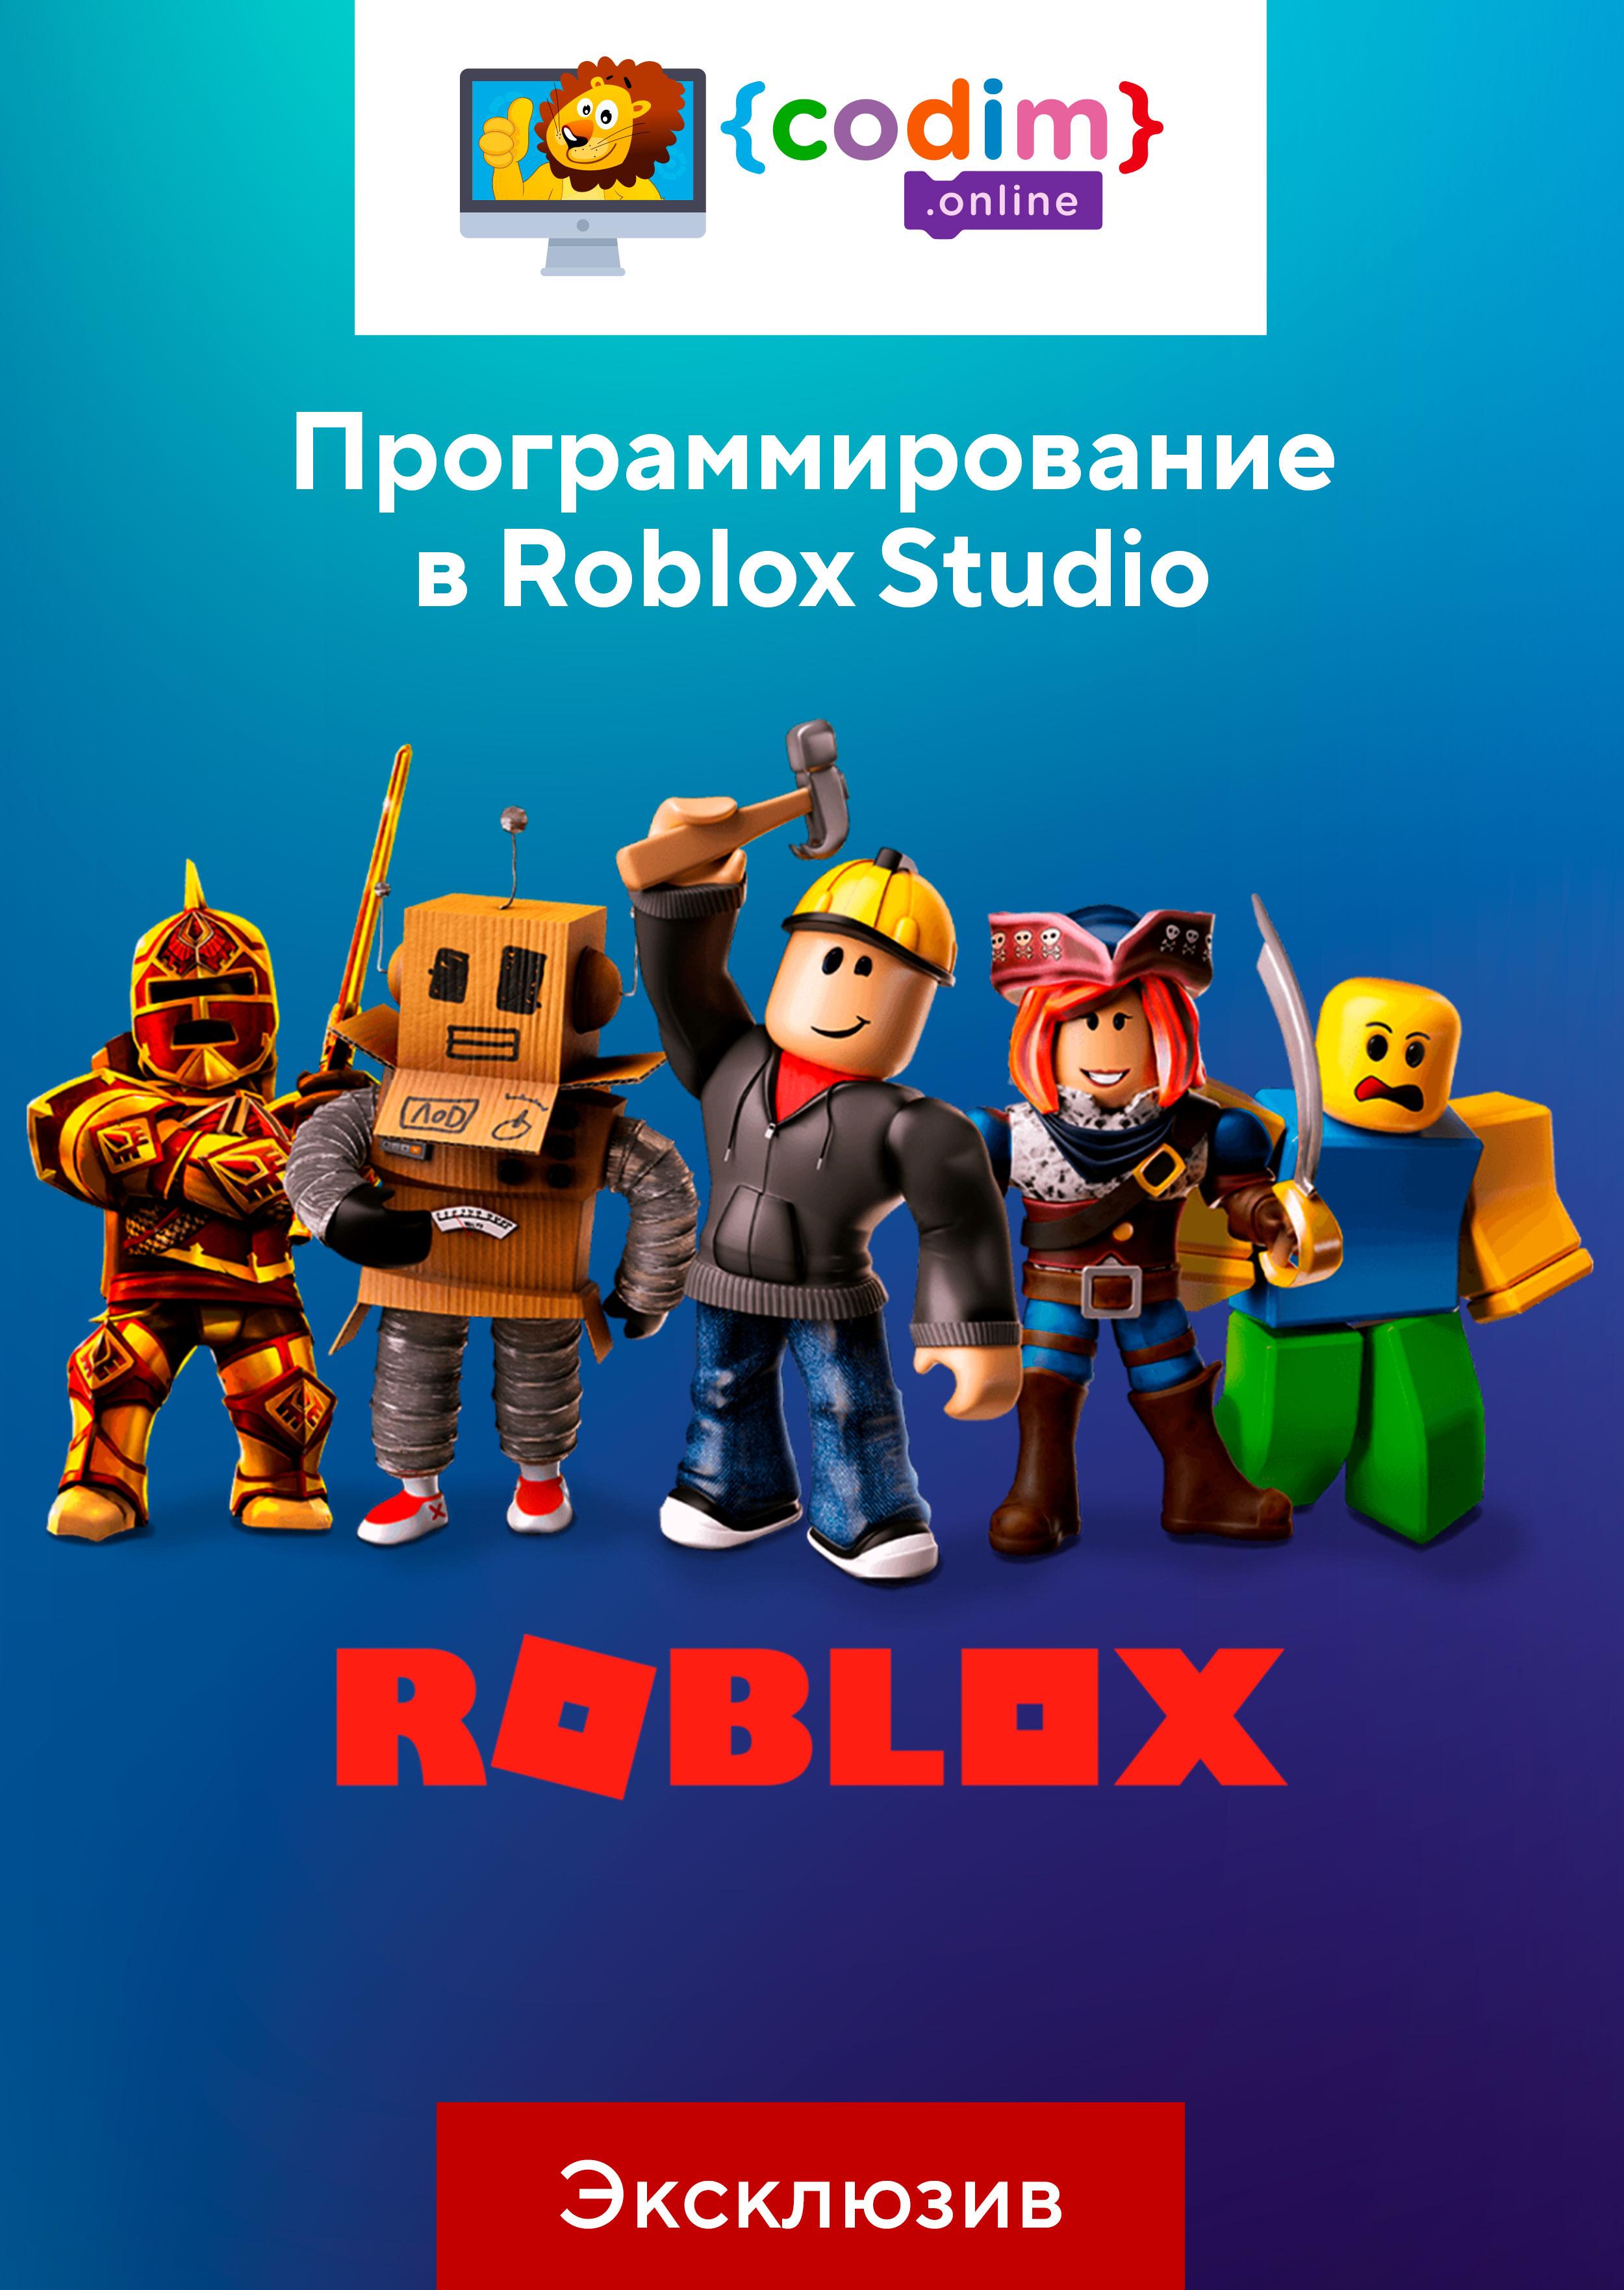 Программирование в  Roblox Studio